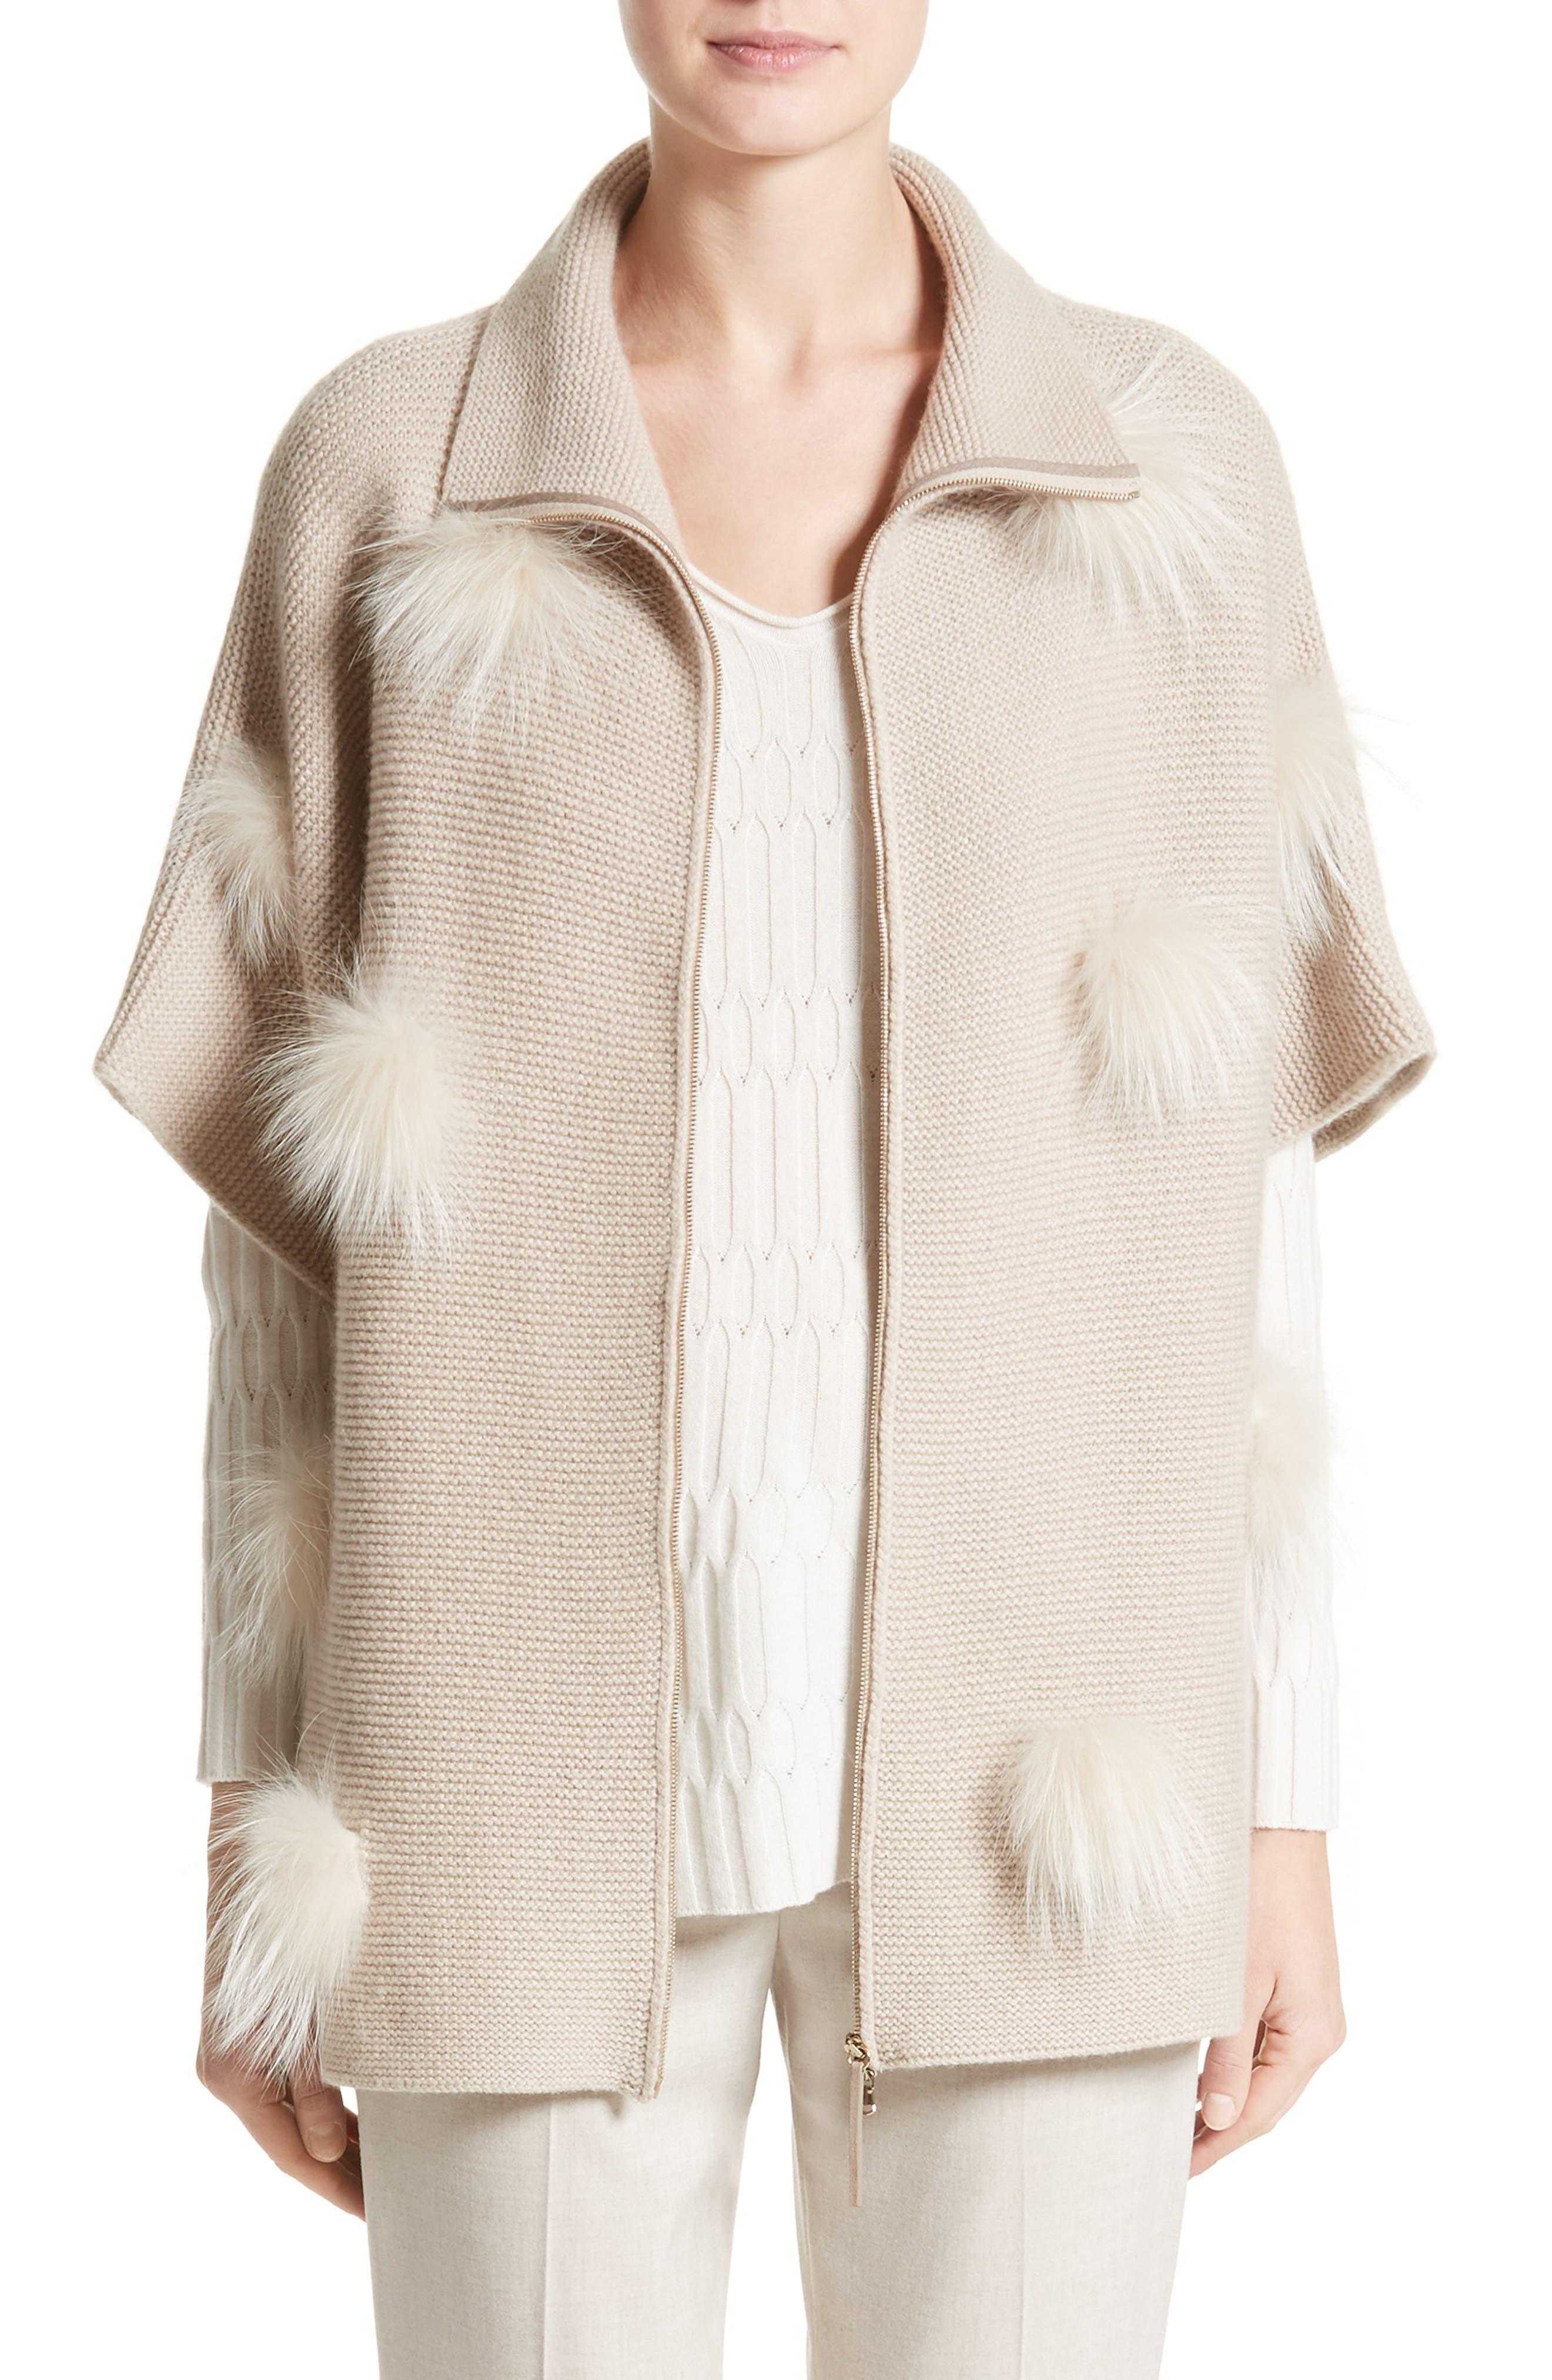 Fabiana Filippi Micro Braid Cashmere Zip Cardigan with Genuine Fox Fur Trim